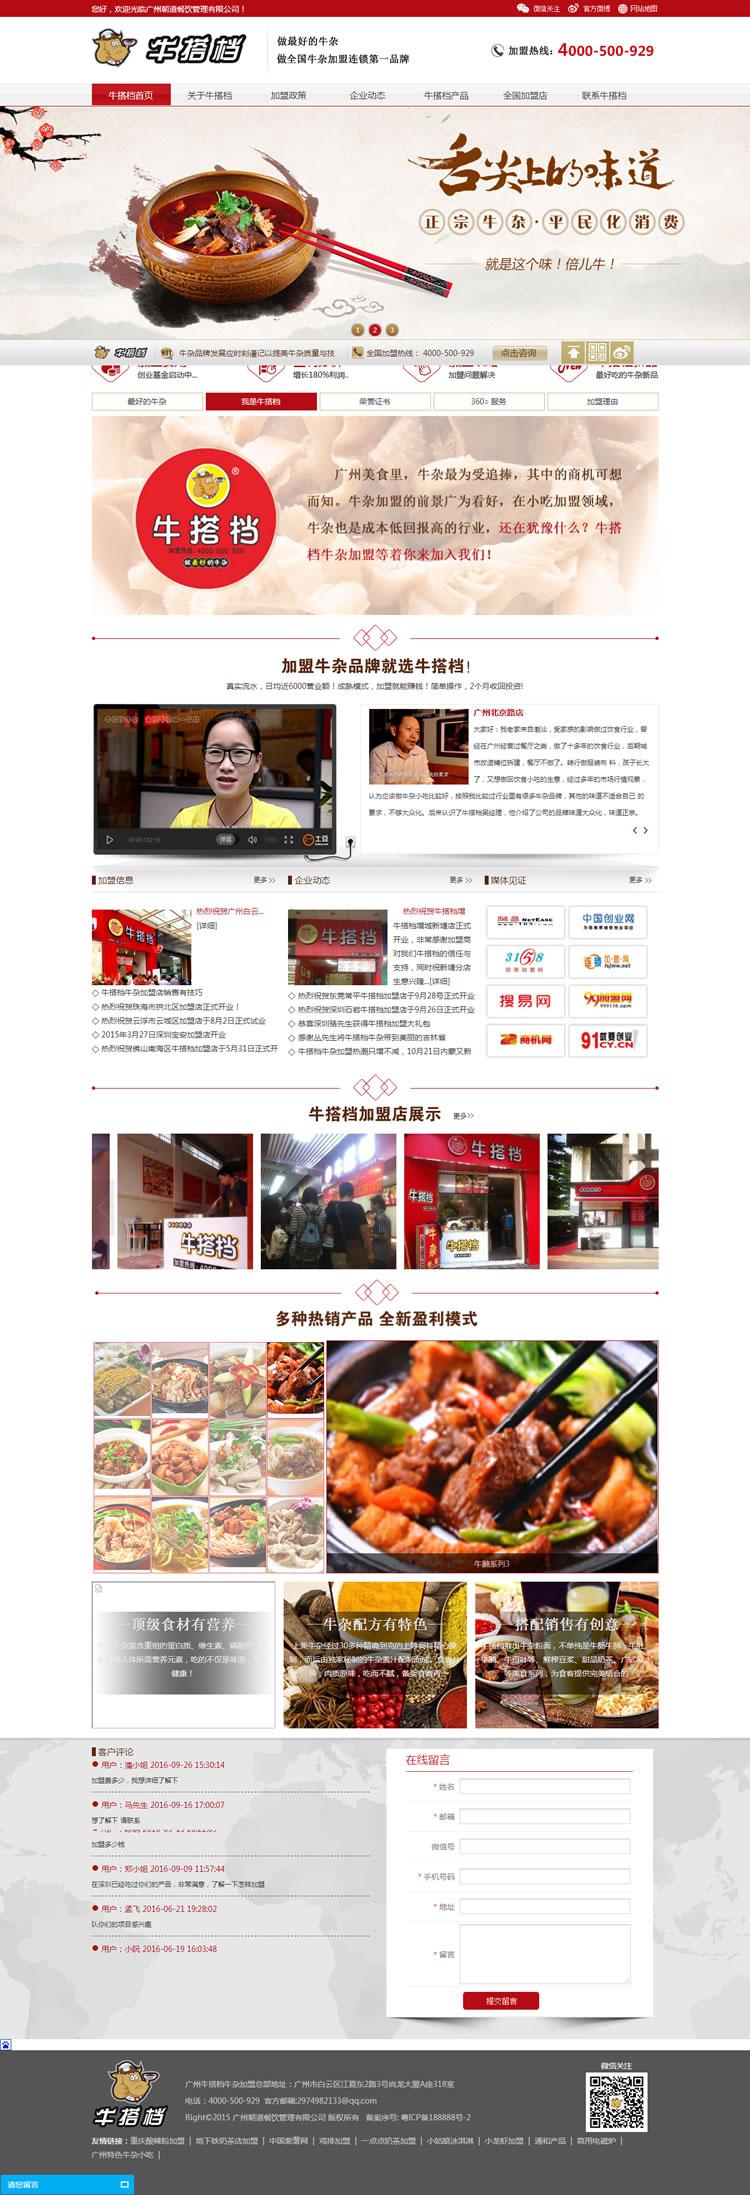 广州朝道餐饮管理有限公司